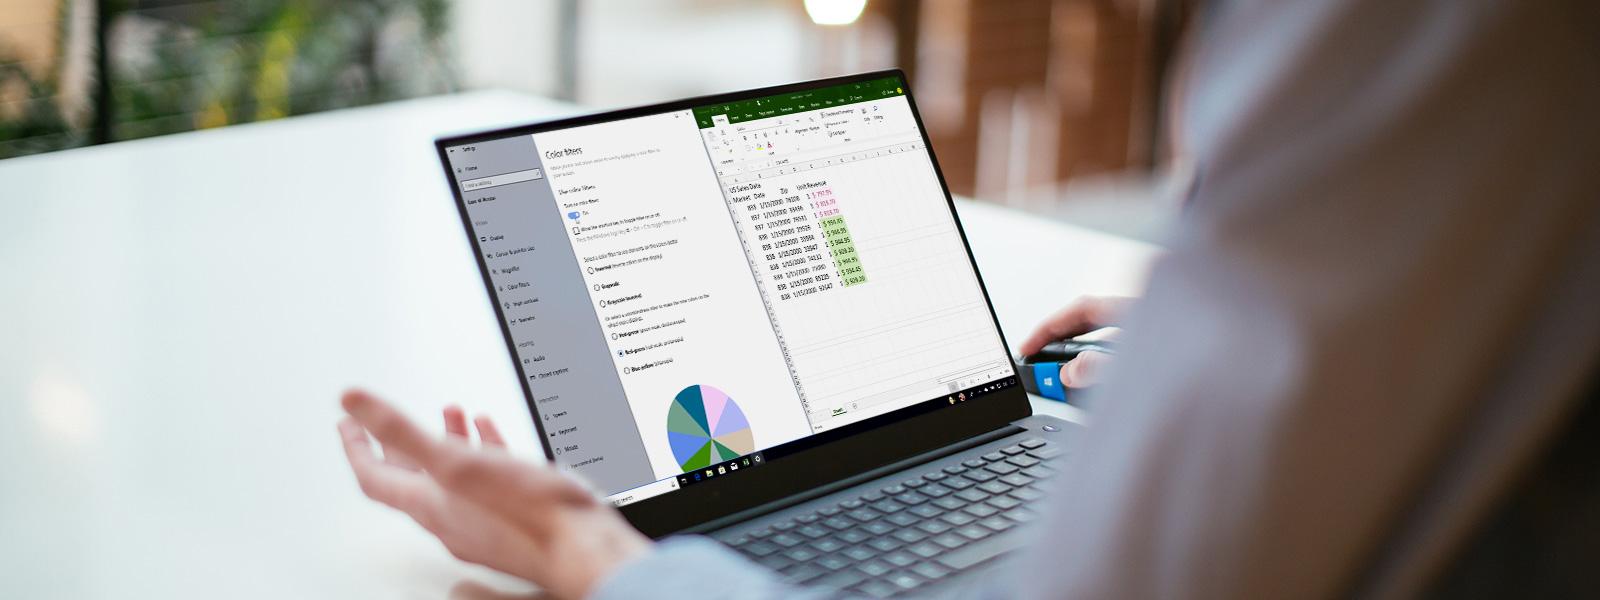 Eine Person verwendet einen Laptopcomputer mit aktivierten Farbfiltern in Windows 10